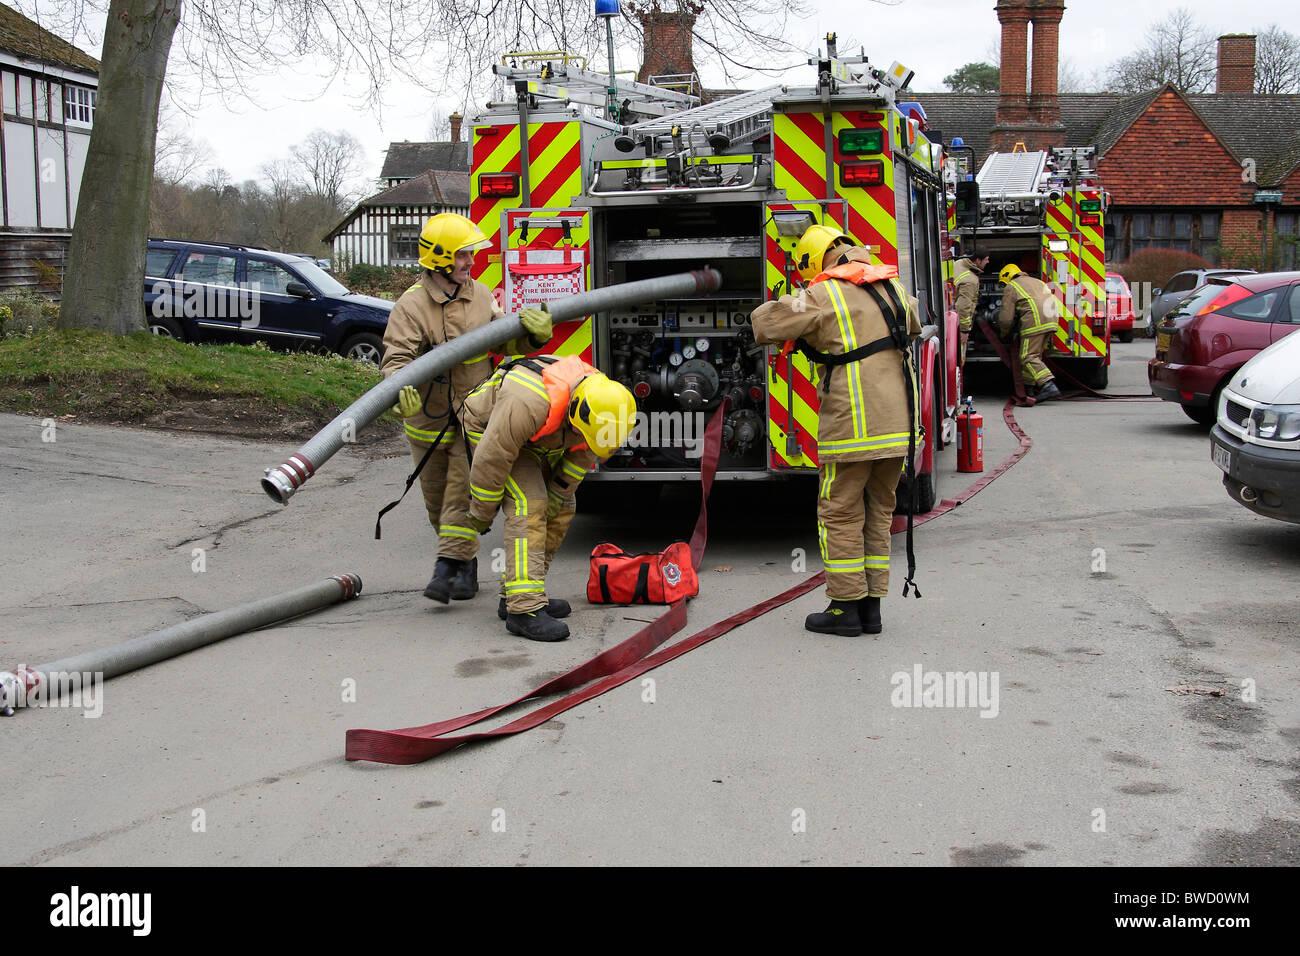 Fire crews preparing equipment - Stock Image